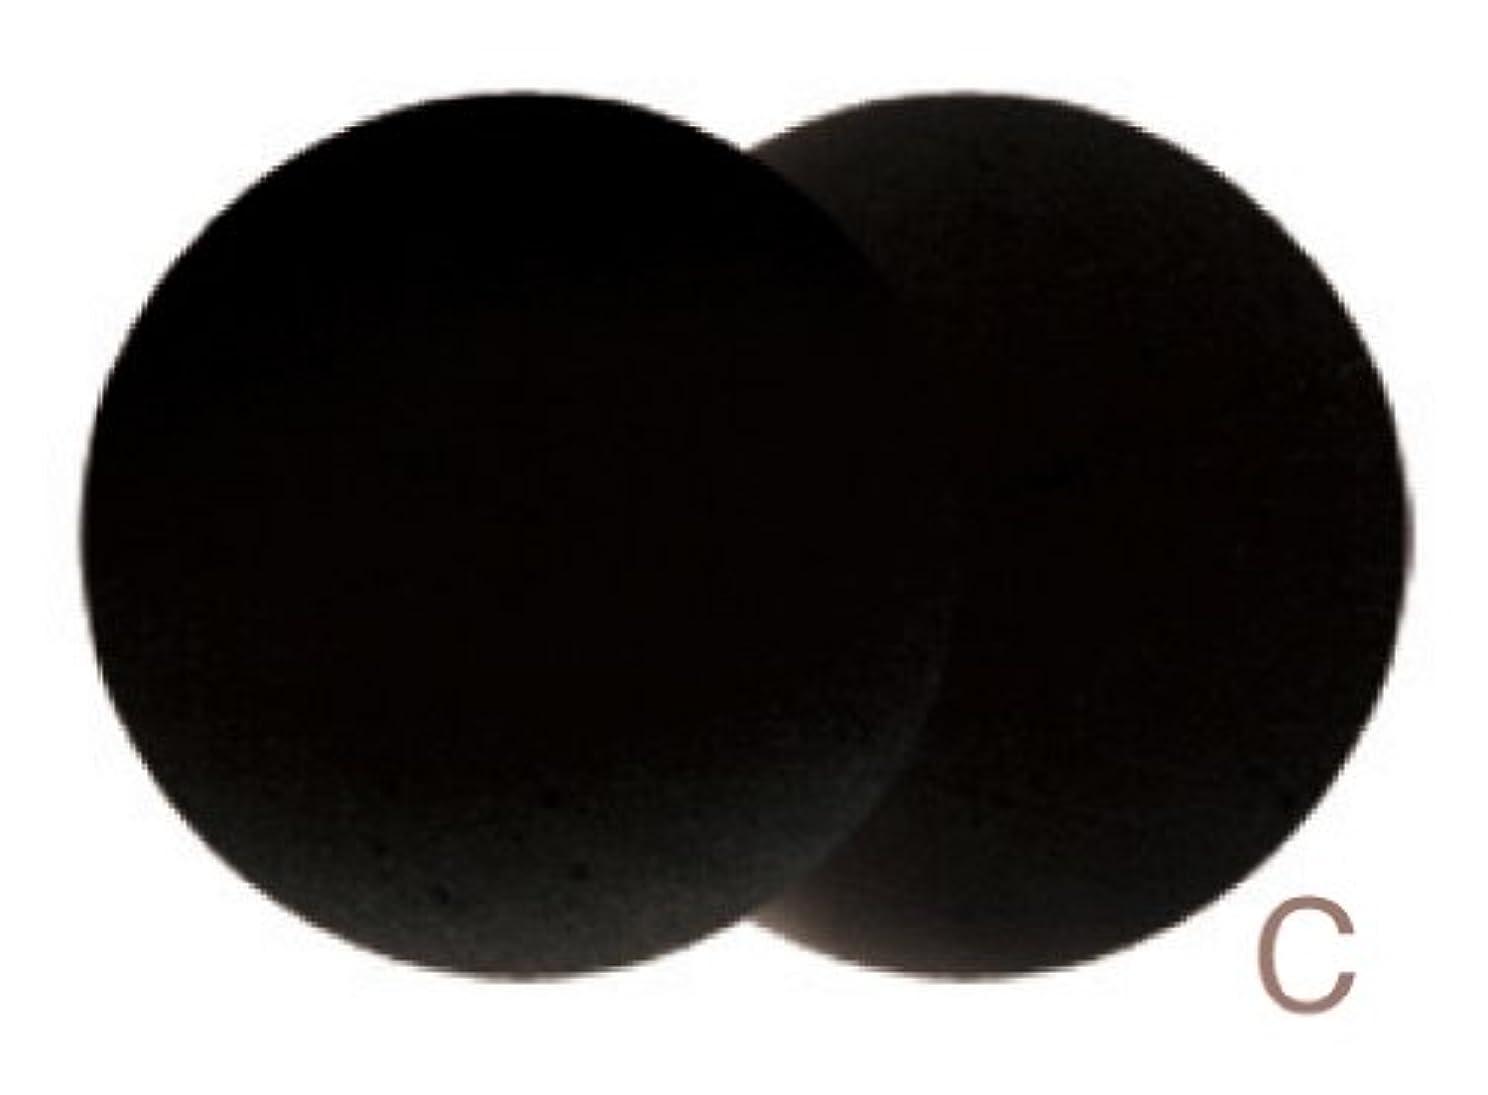 ルール必要ない有毒なアクセンツ UL 602 ブラック 4g